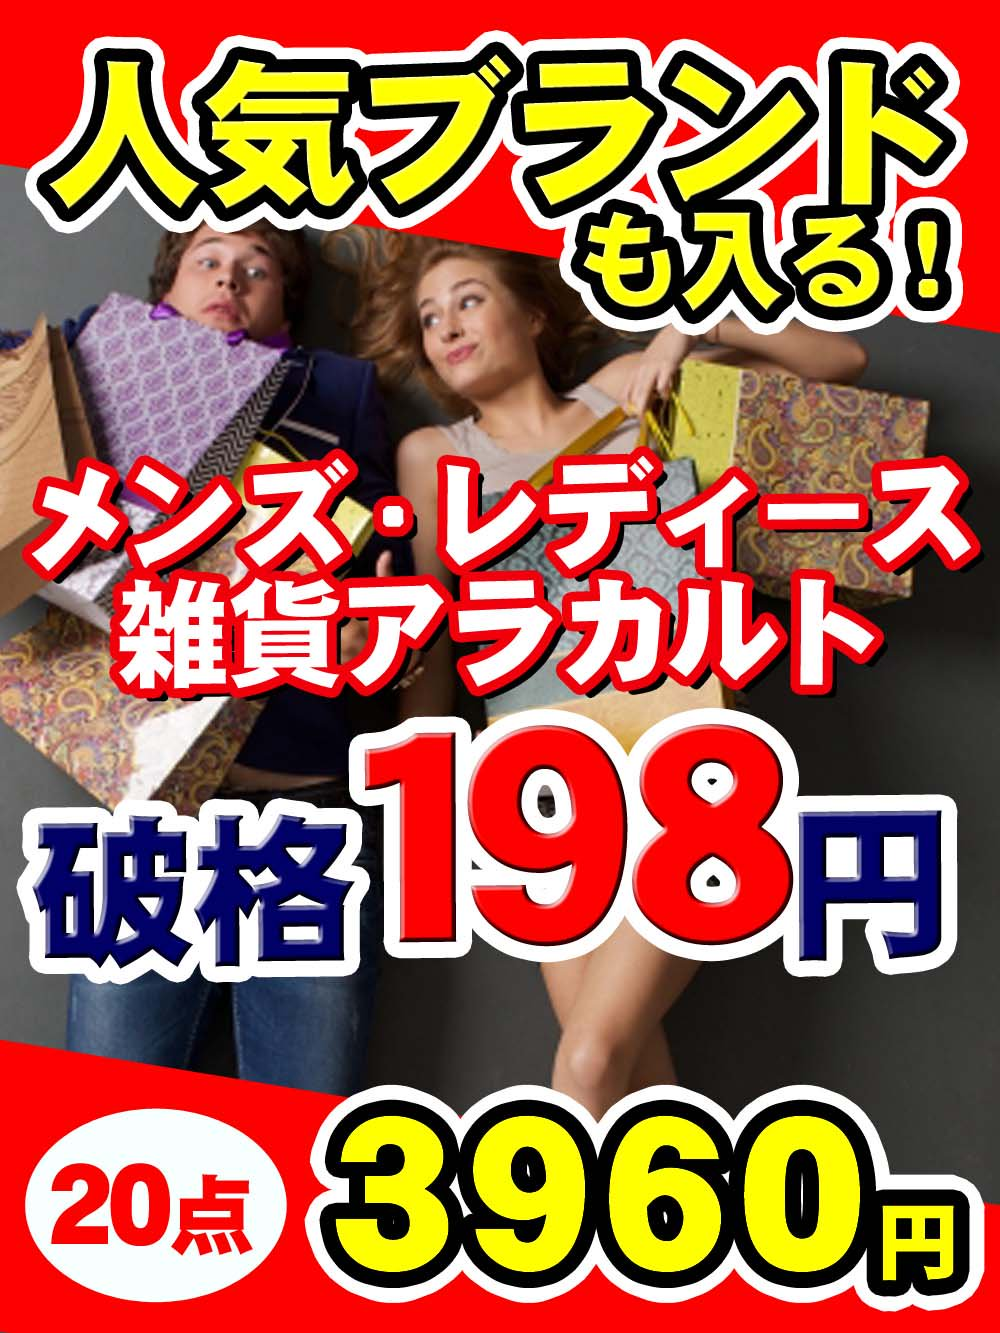 【人気ブランドも入る】メンズ・レディース!オールシーズン雑貨アラカルト【20点】@198